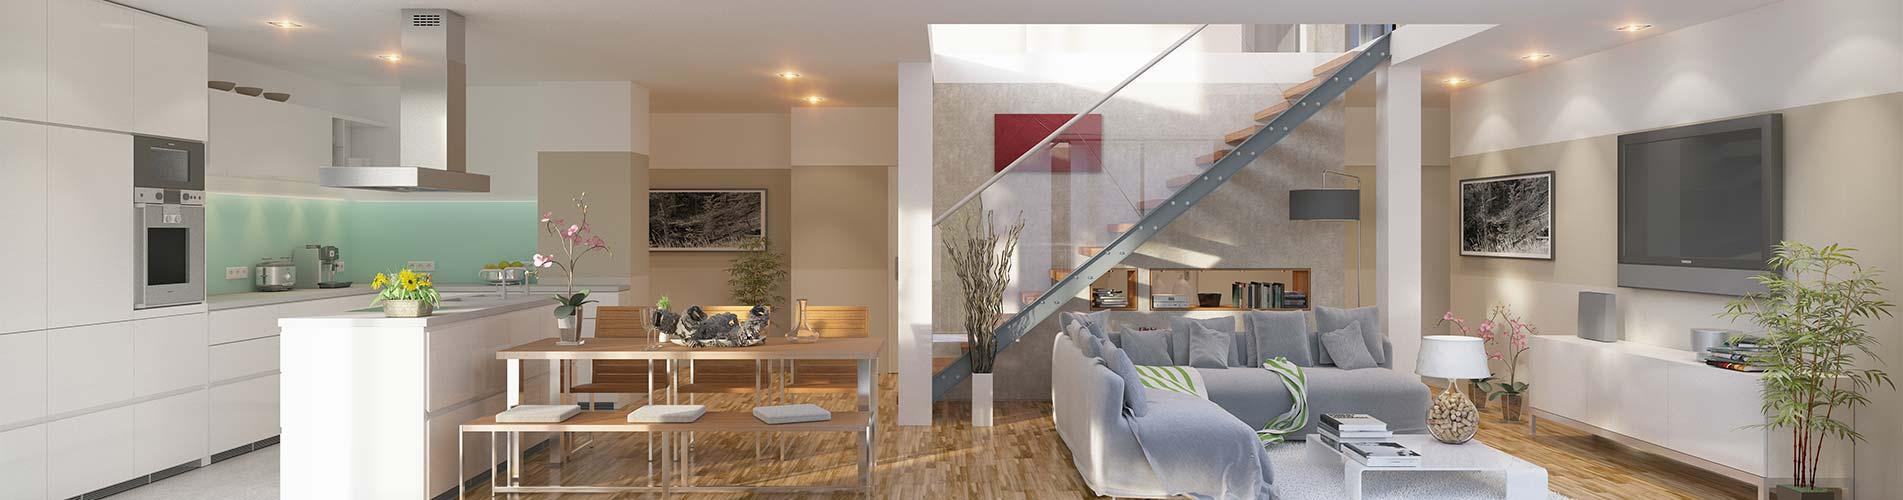 Moderne offene Küche und Esszimmer